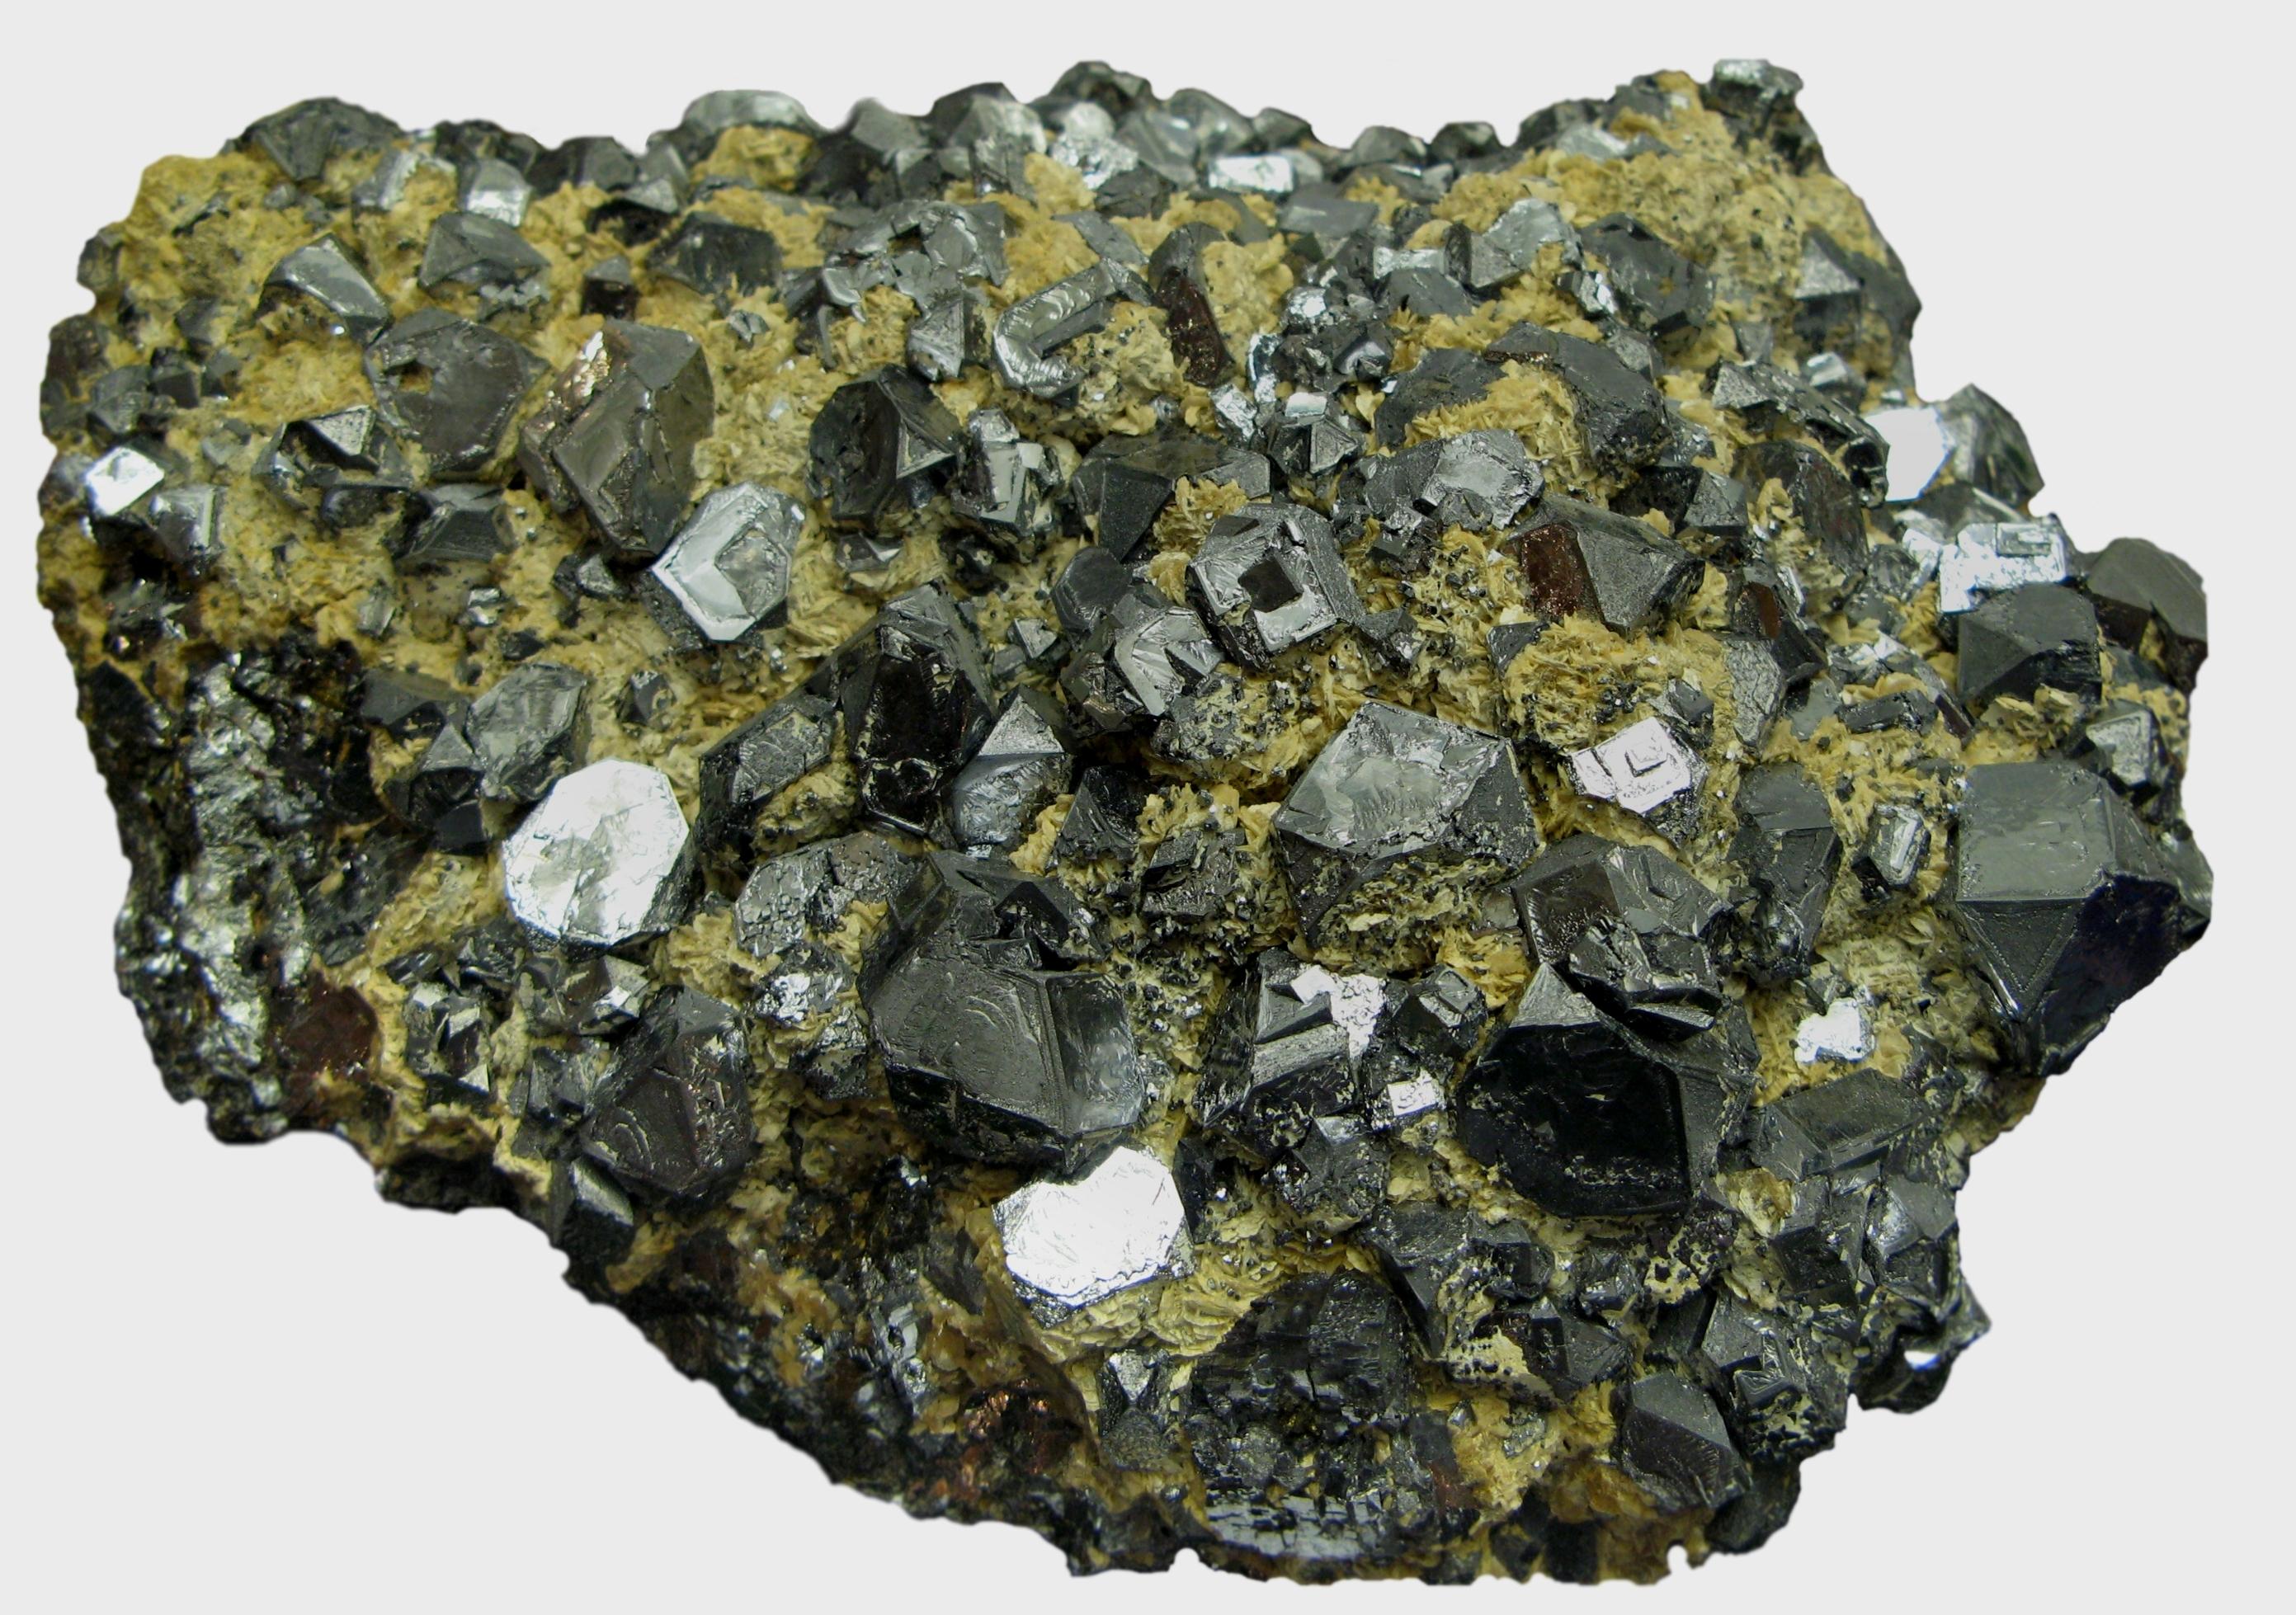 File:Galenite - Mies mine, Slovenia.jpg